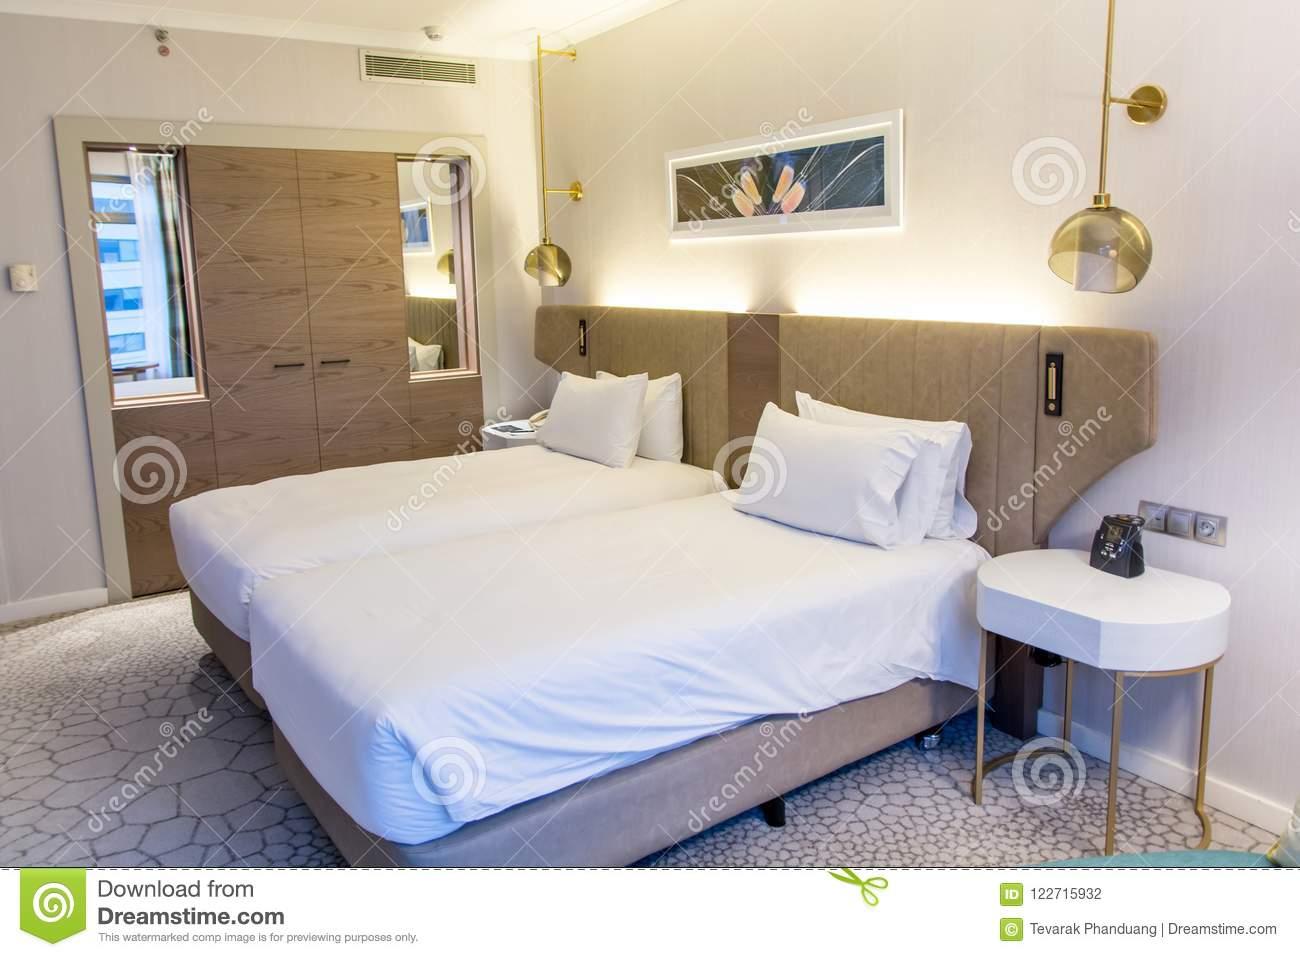 Full Size of Schlafzimmer Mit Zwei Betten Innenraum Eines Hotelschlafzimmers Rauch 140x200 Möbel Boss Gardinen Ohne Kopfteil München Klimagerät Für Wiemann Sitzbank Set Schlafzimmer Schlafzimmer Betten